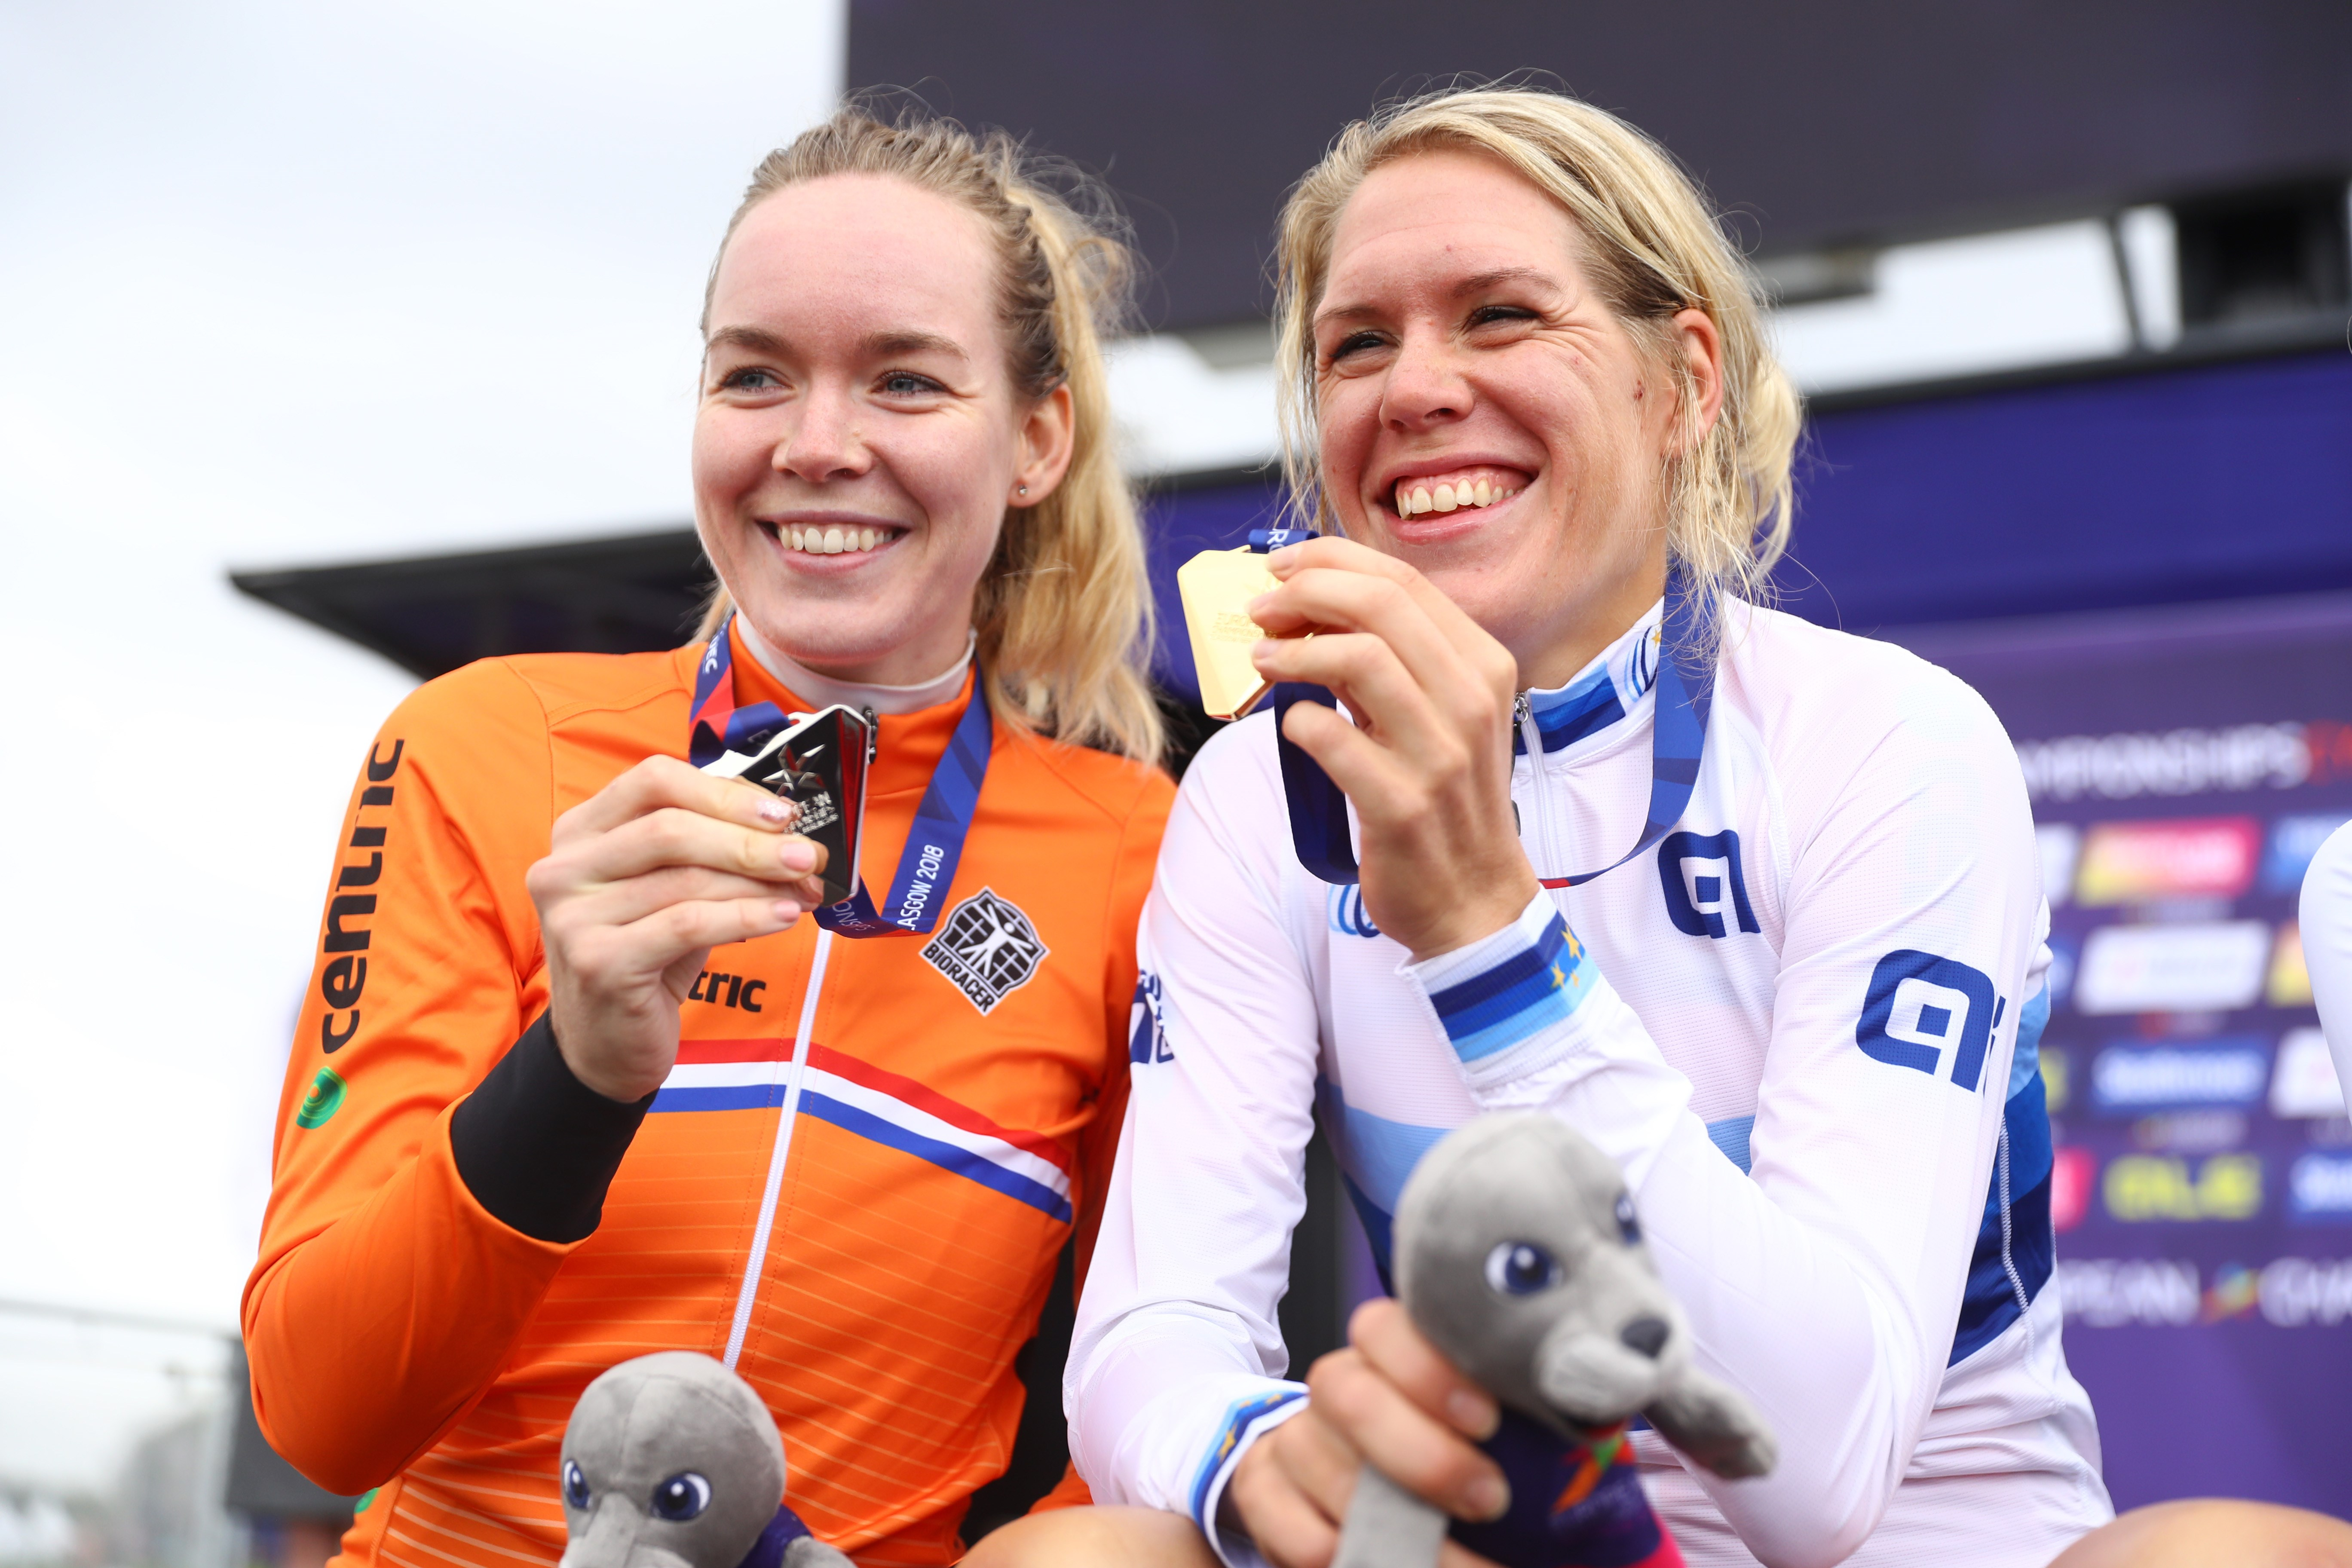 TeamNL-update: Wielrensters met sterkste ploeg naar EK in Frankrijk